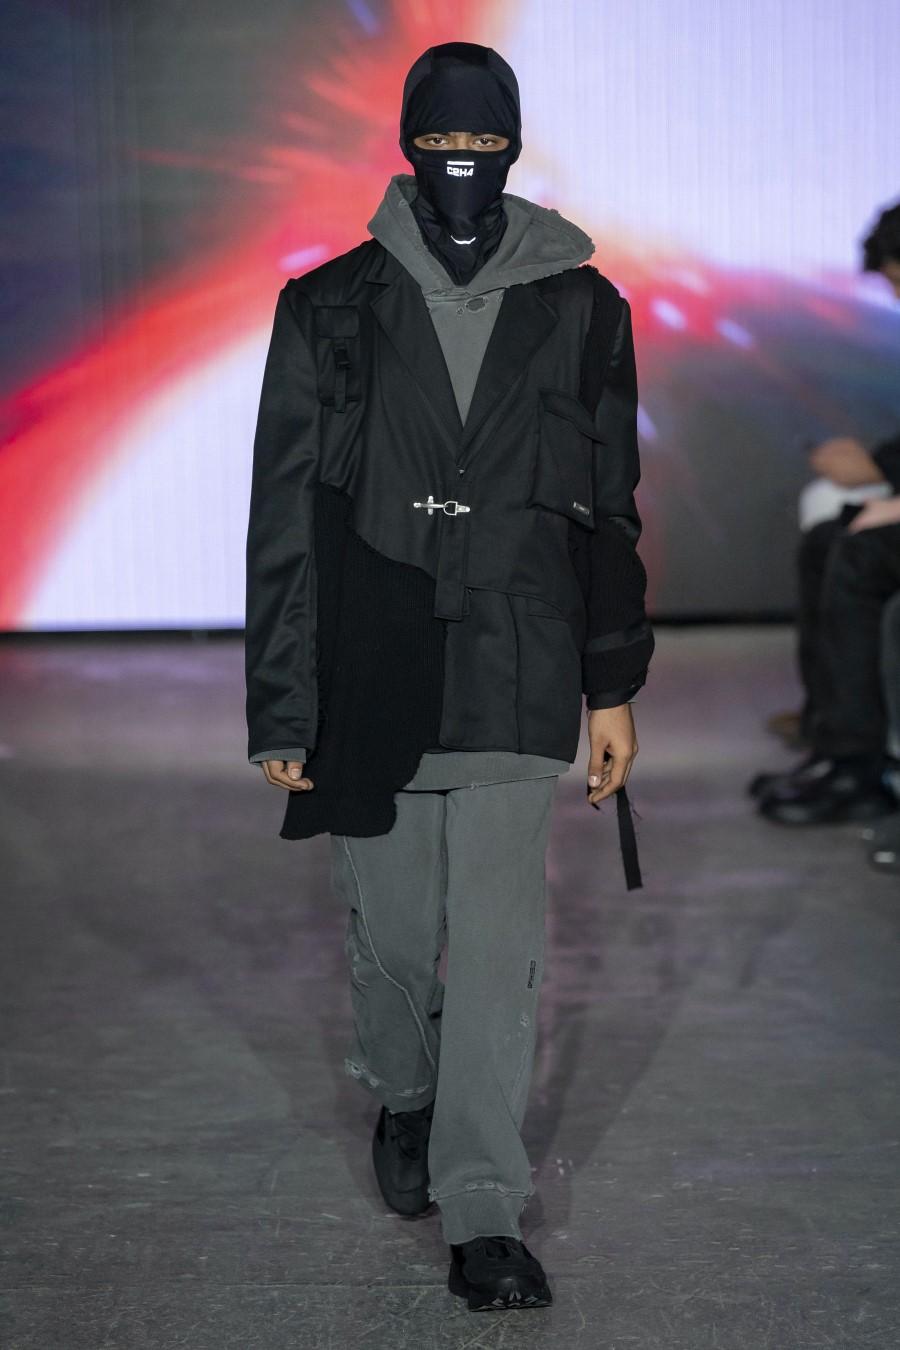 C2H4 Printemps Été 2020 London Fashion Week Men's 8